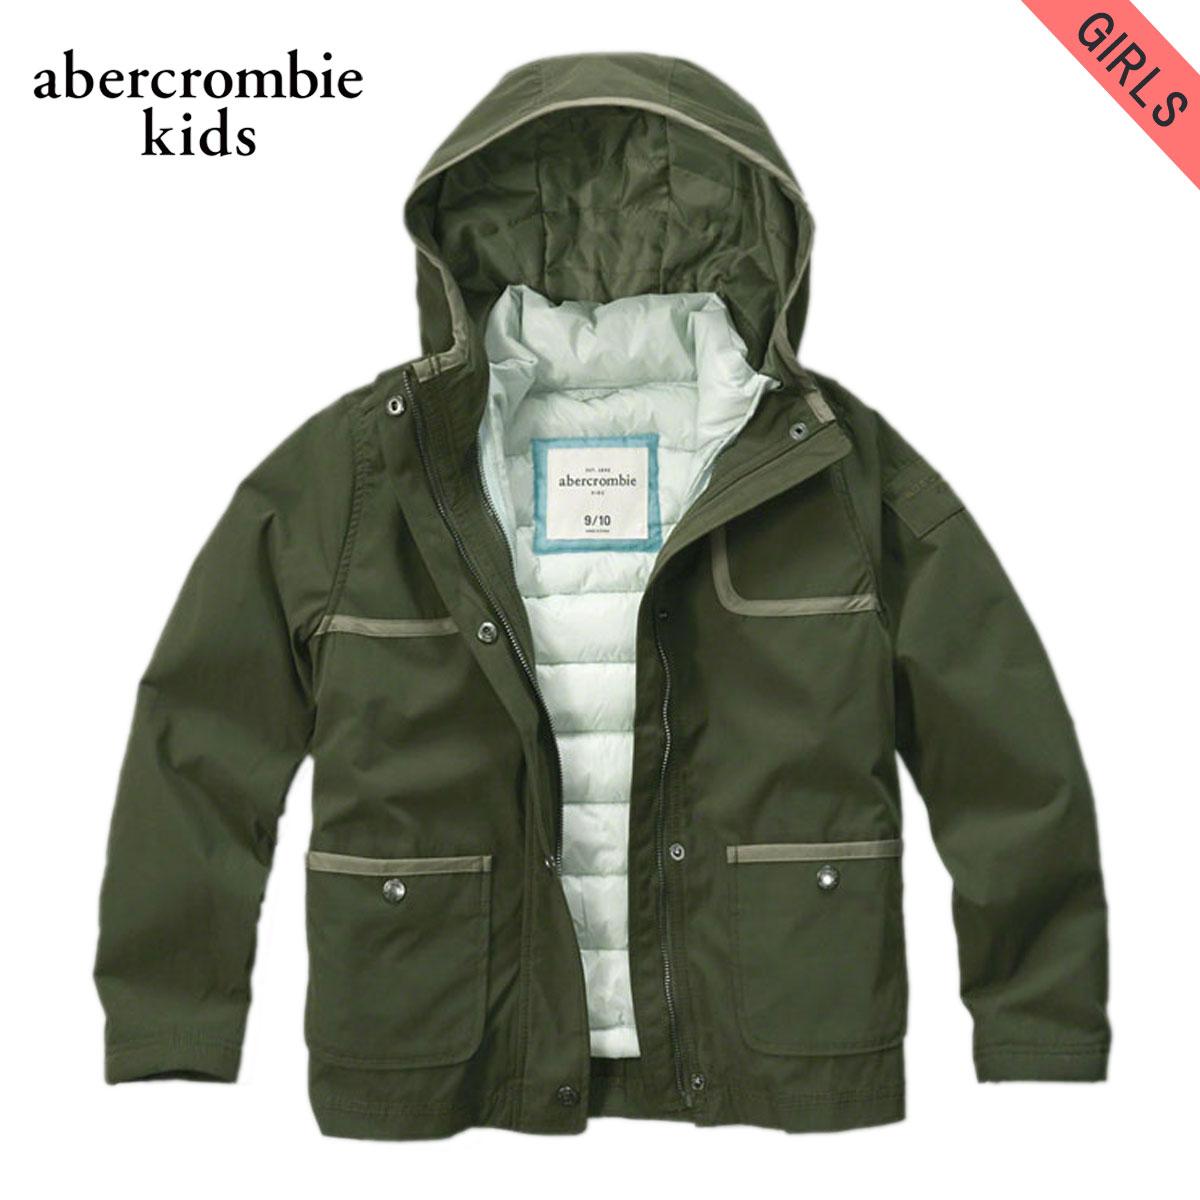 アバクロキッズ AbercrombieKids 正規品 子供服 ガールズ アウタージャケット 3-in-1 jacket 244-856-0205-033 D00S20